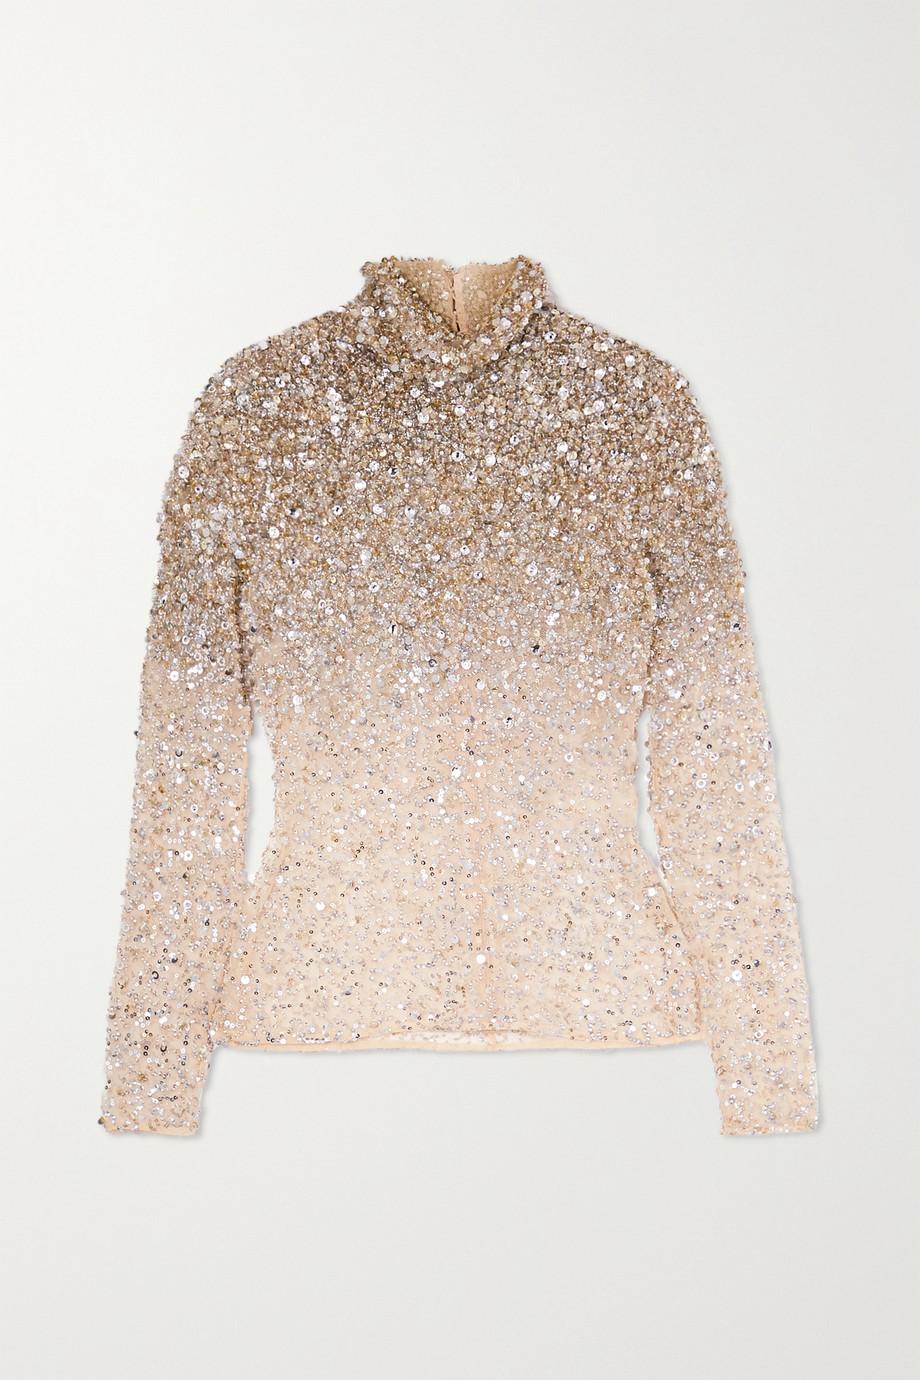 Valentino Embellished tulle turtleneck top